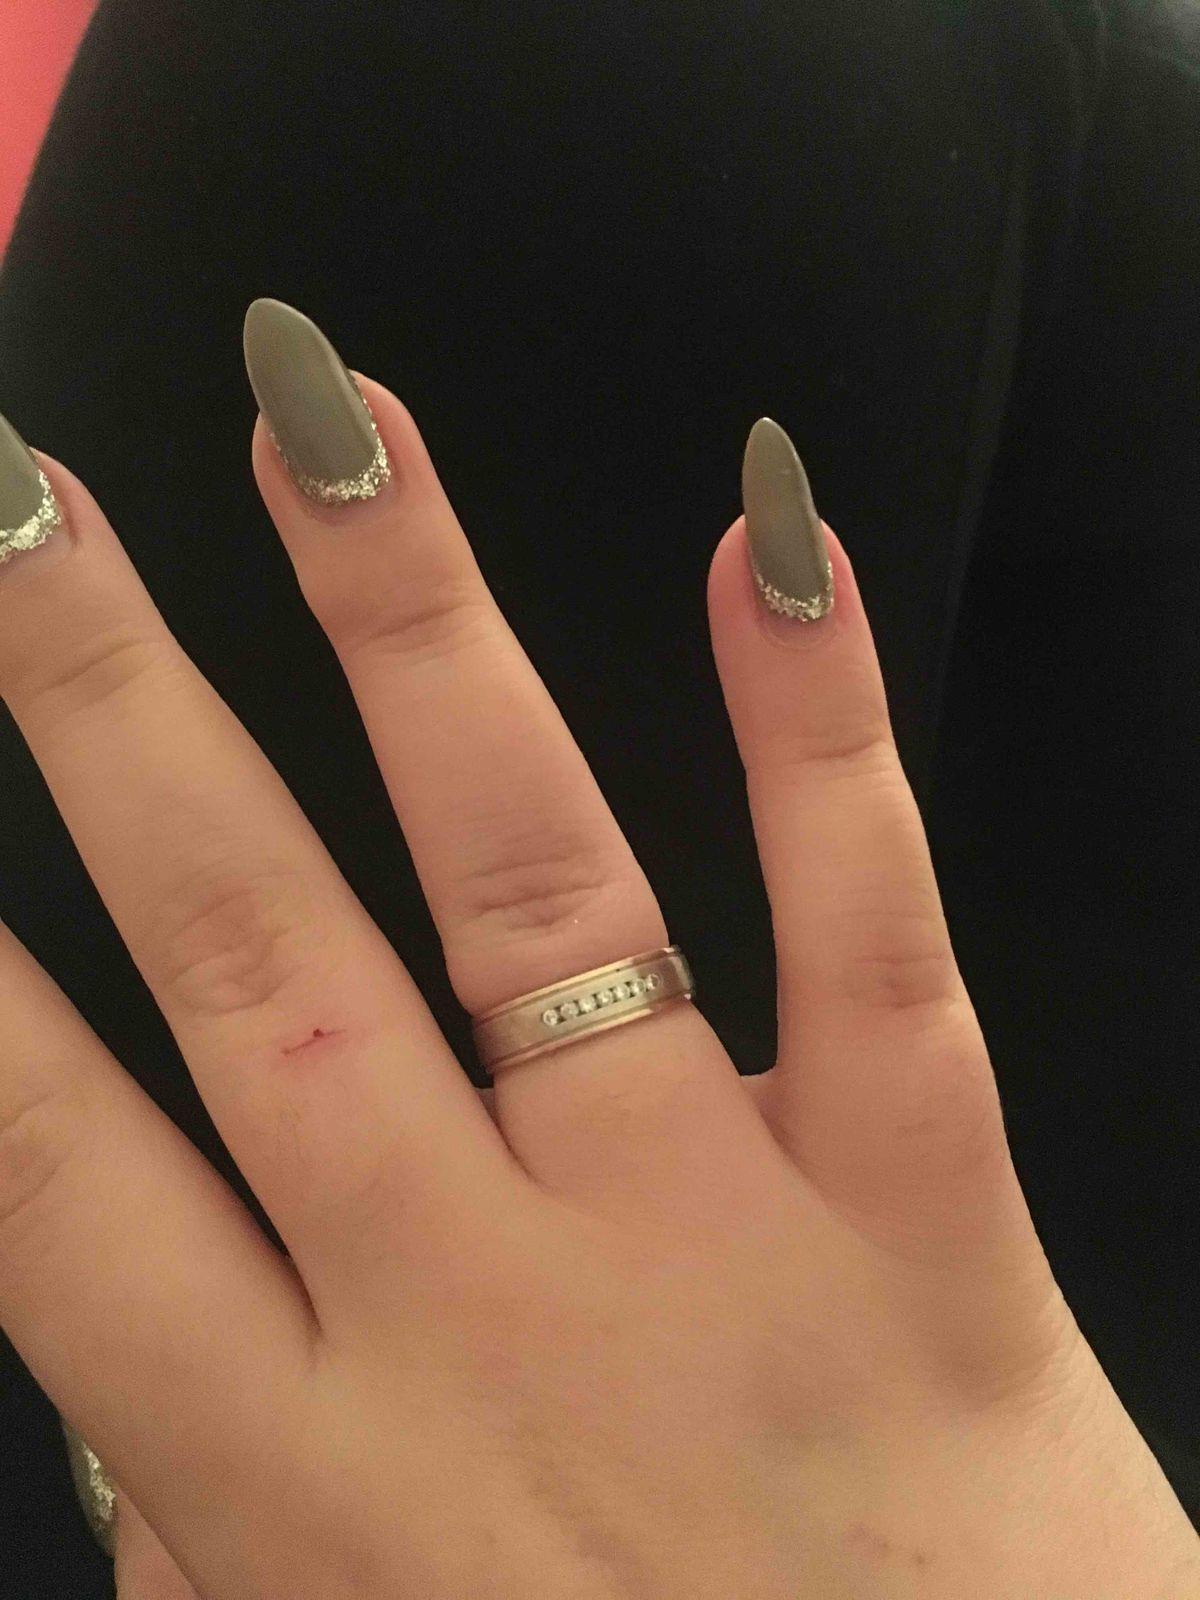 Не очень довольна данным кольцом